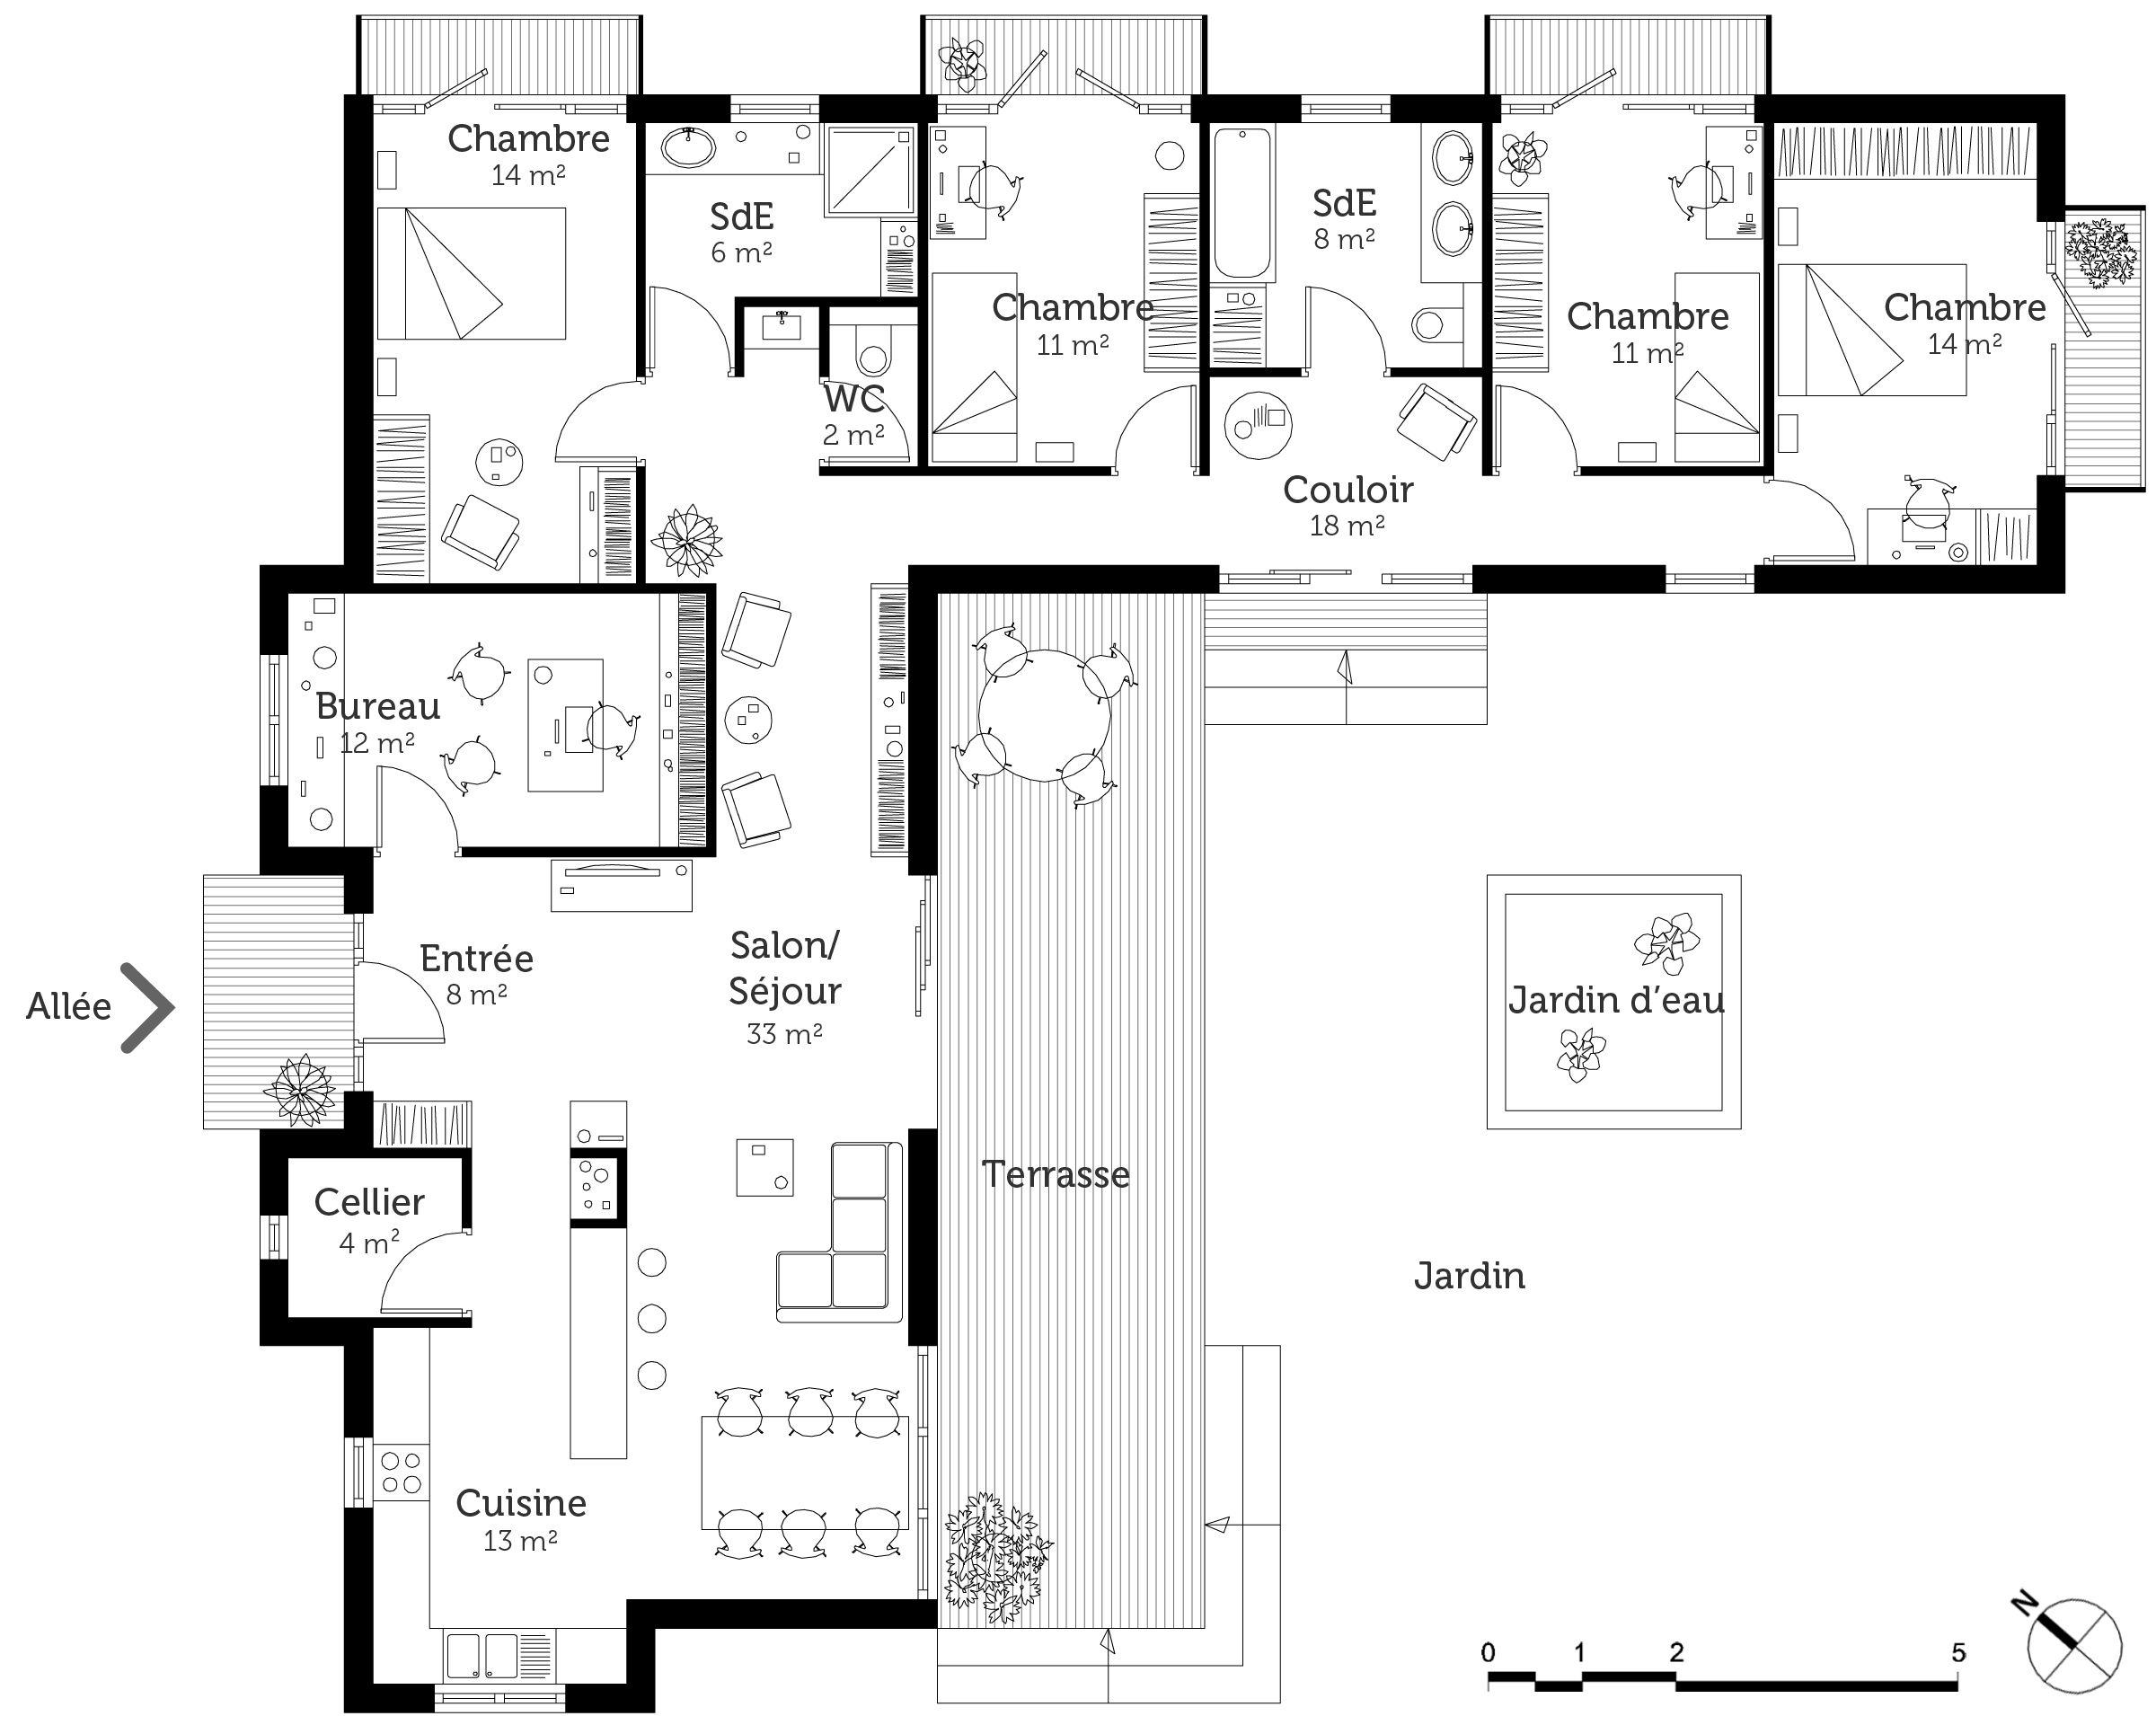 afficher limage dorigine - Plan Maison Contemporaine En L